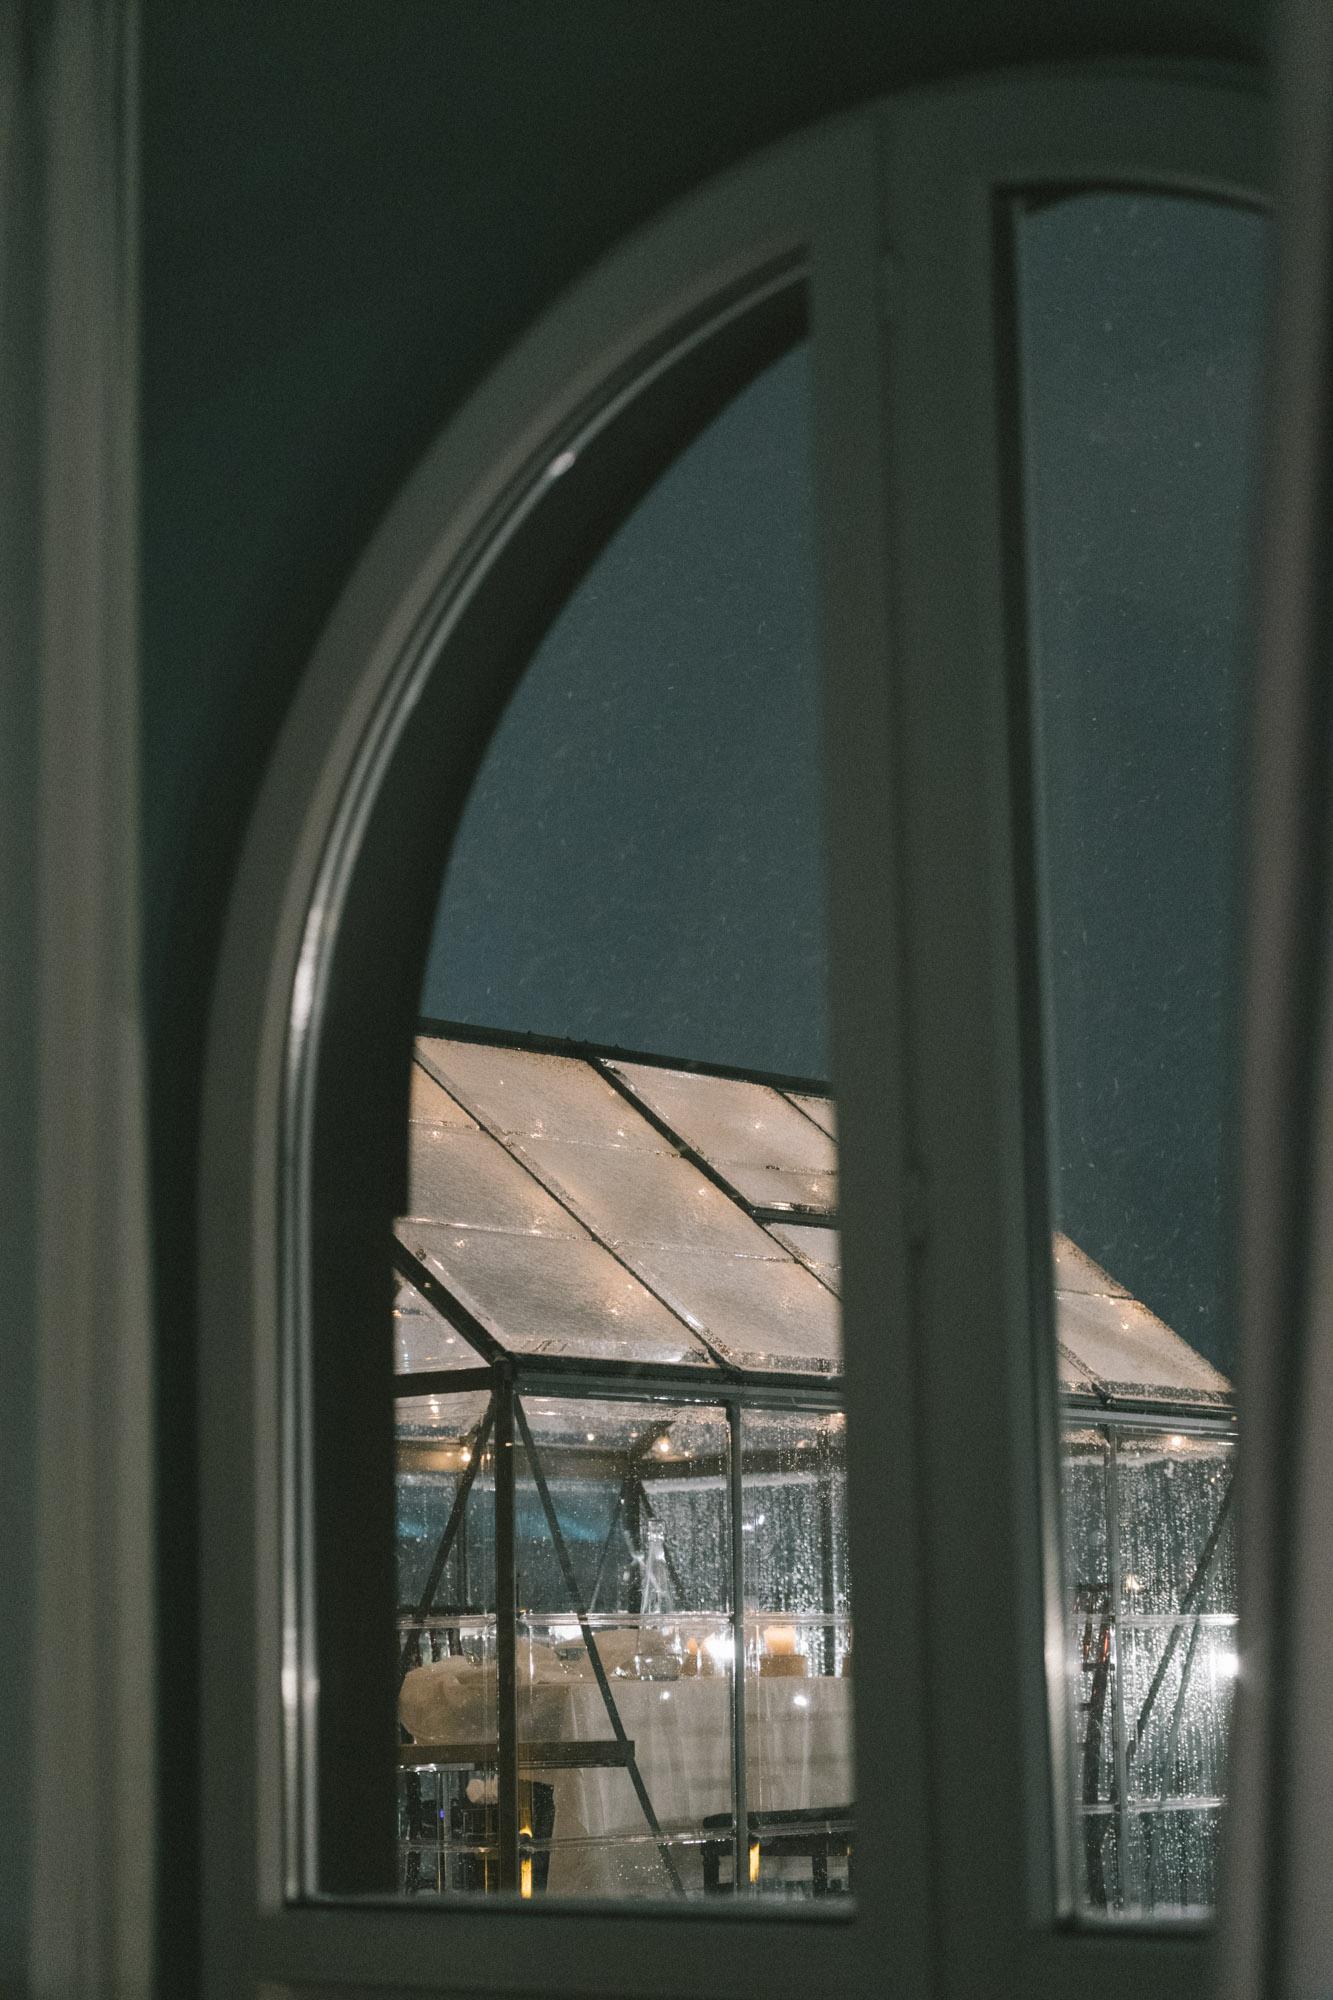 Souper sous les étoiles - Auberge Saint-Antoine - Relais & Châteaux - Québec - All photos are under Copyright  © 2020 Jeff Frenette Photography / dezjeff. To use the photos, please contact me at dezjeff@me.com.